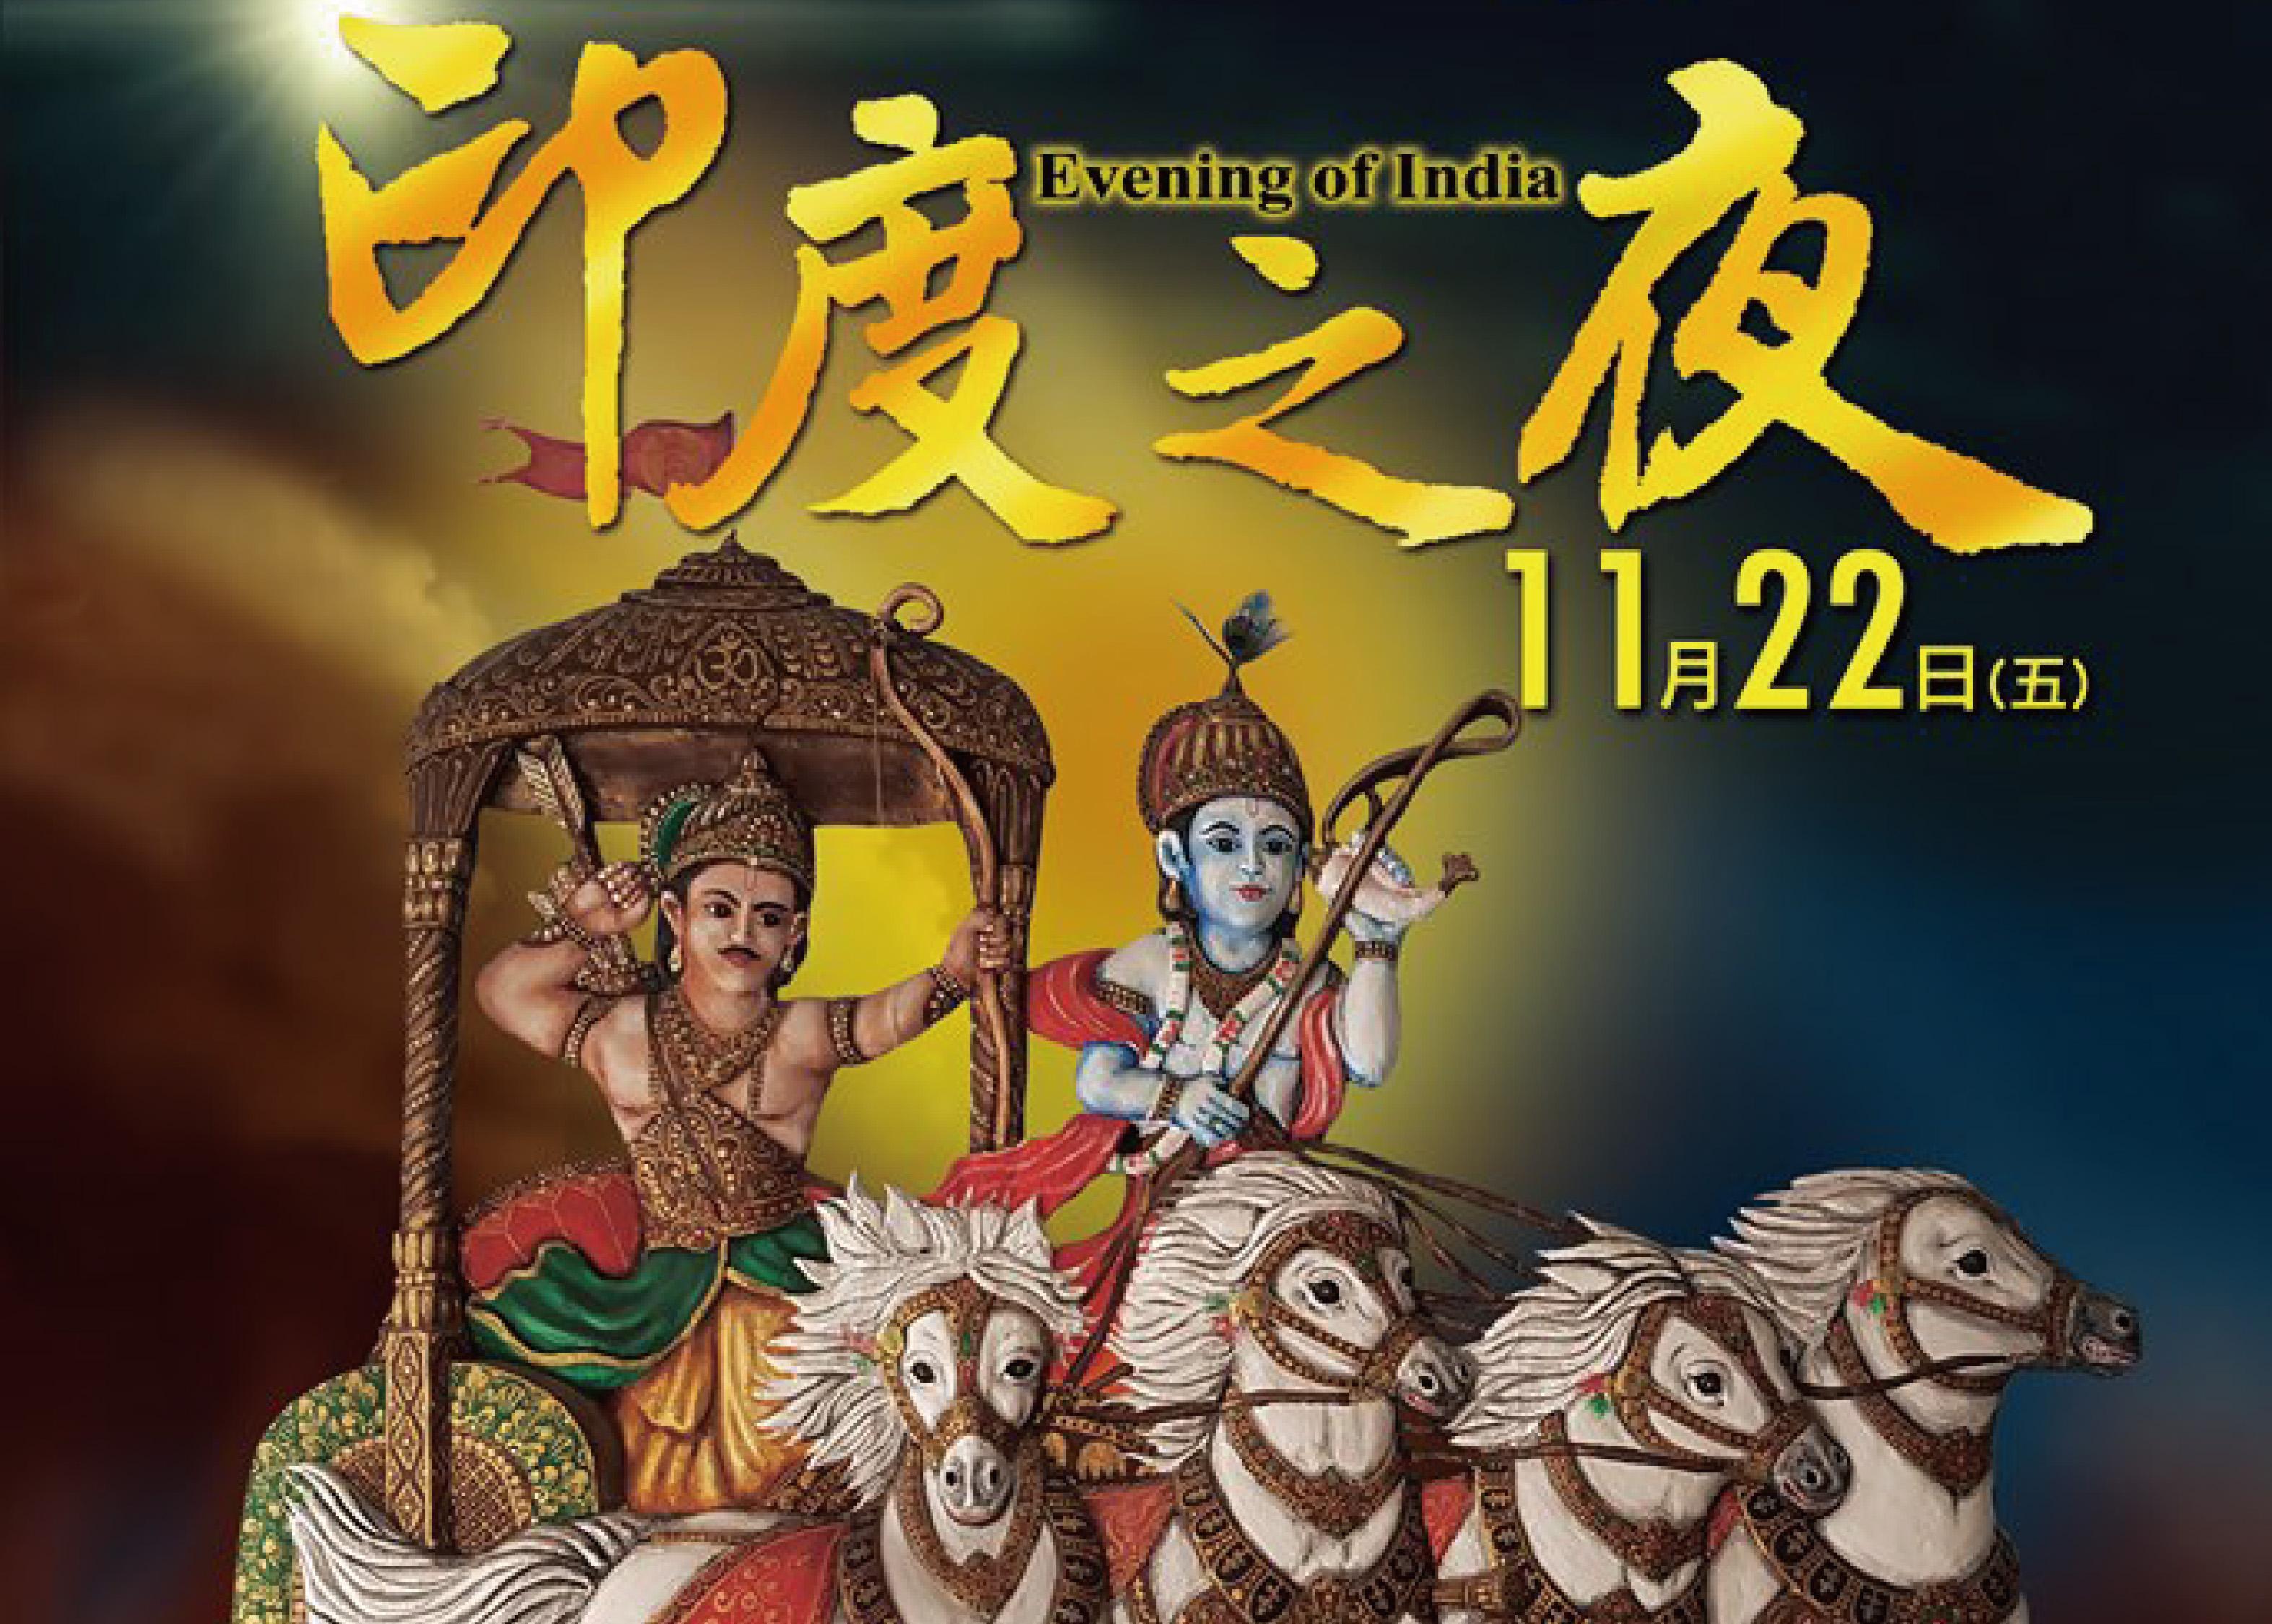 11月22日(五)18:30 亞洲印度文化節-印度之夜